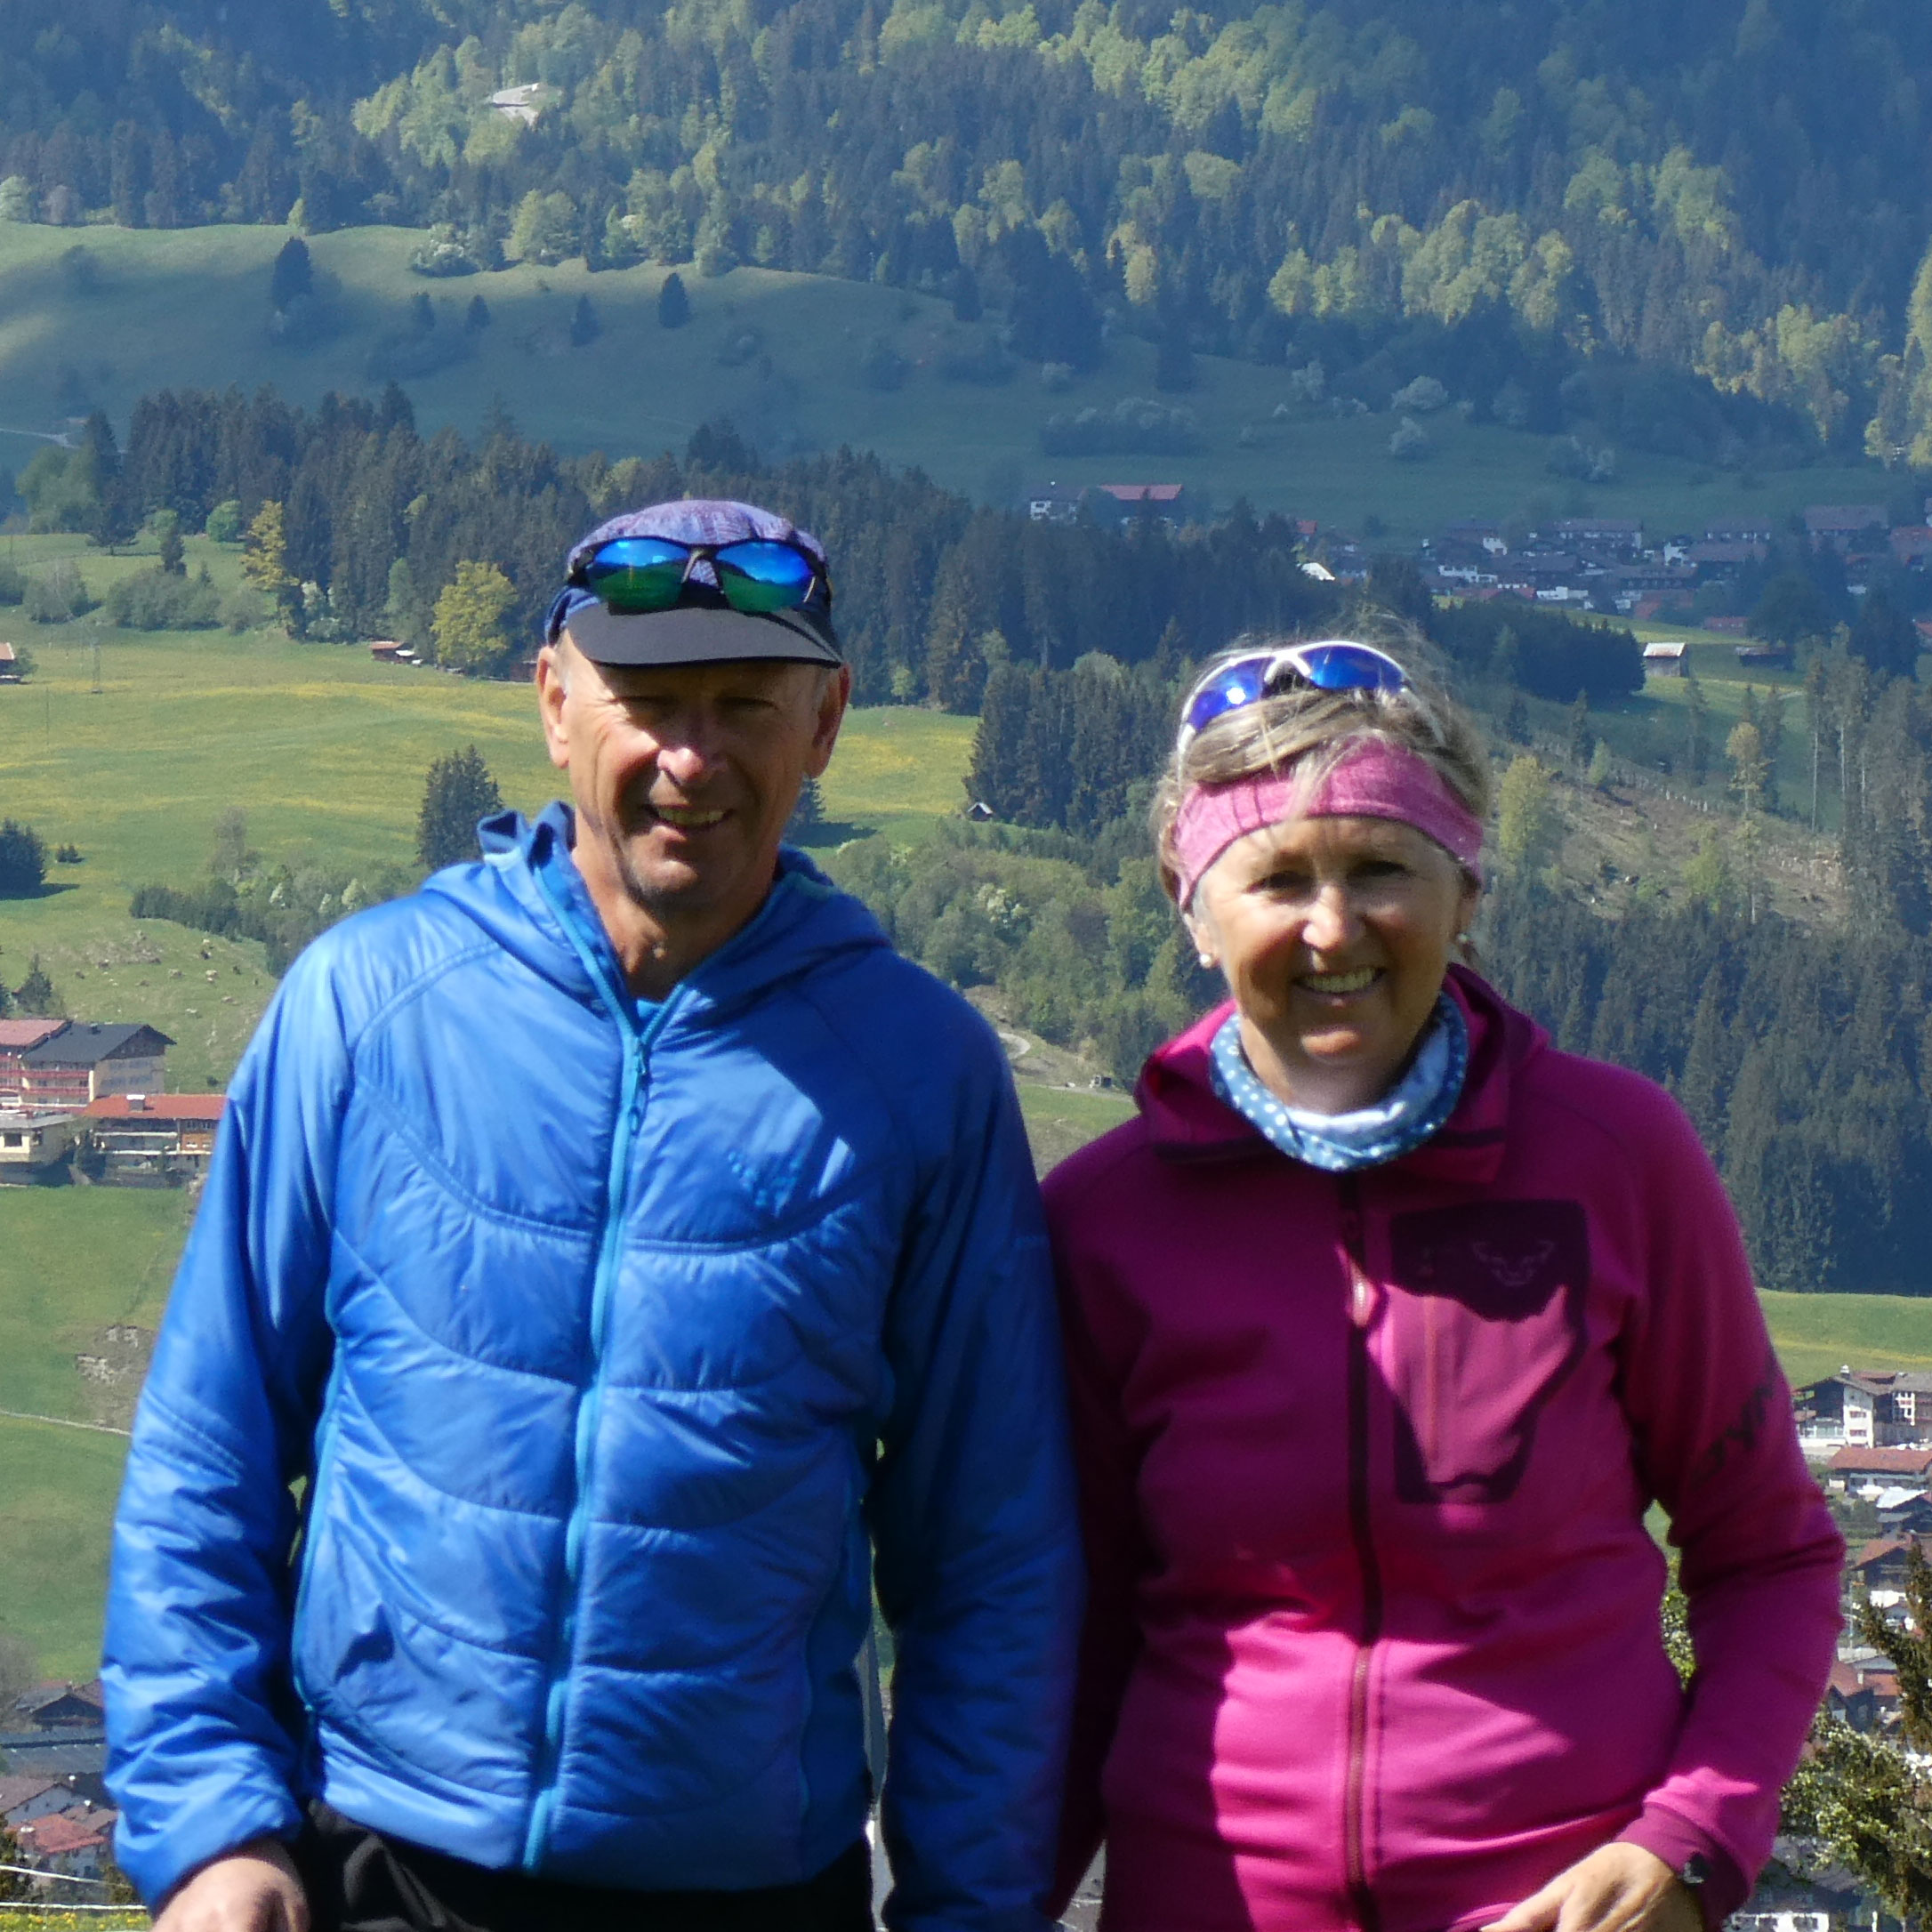 Ferienhaus Sauter Oberdorf Obermaiselstein - Die Gastgeber Gabi und Dieter Sauter bei einer Wanderung in den Bergen